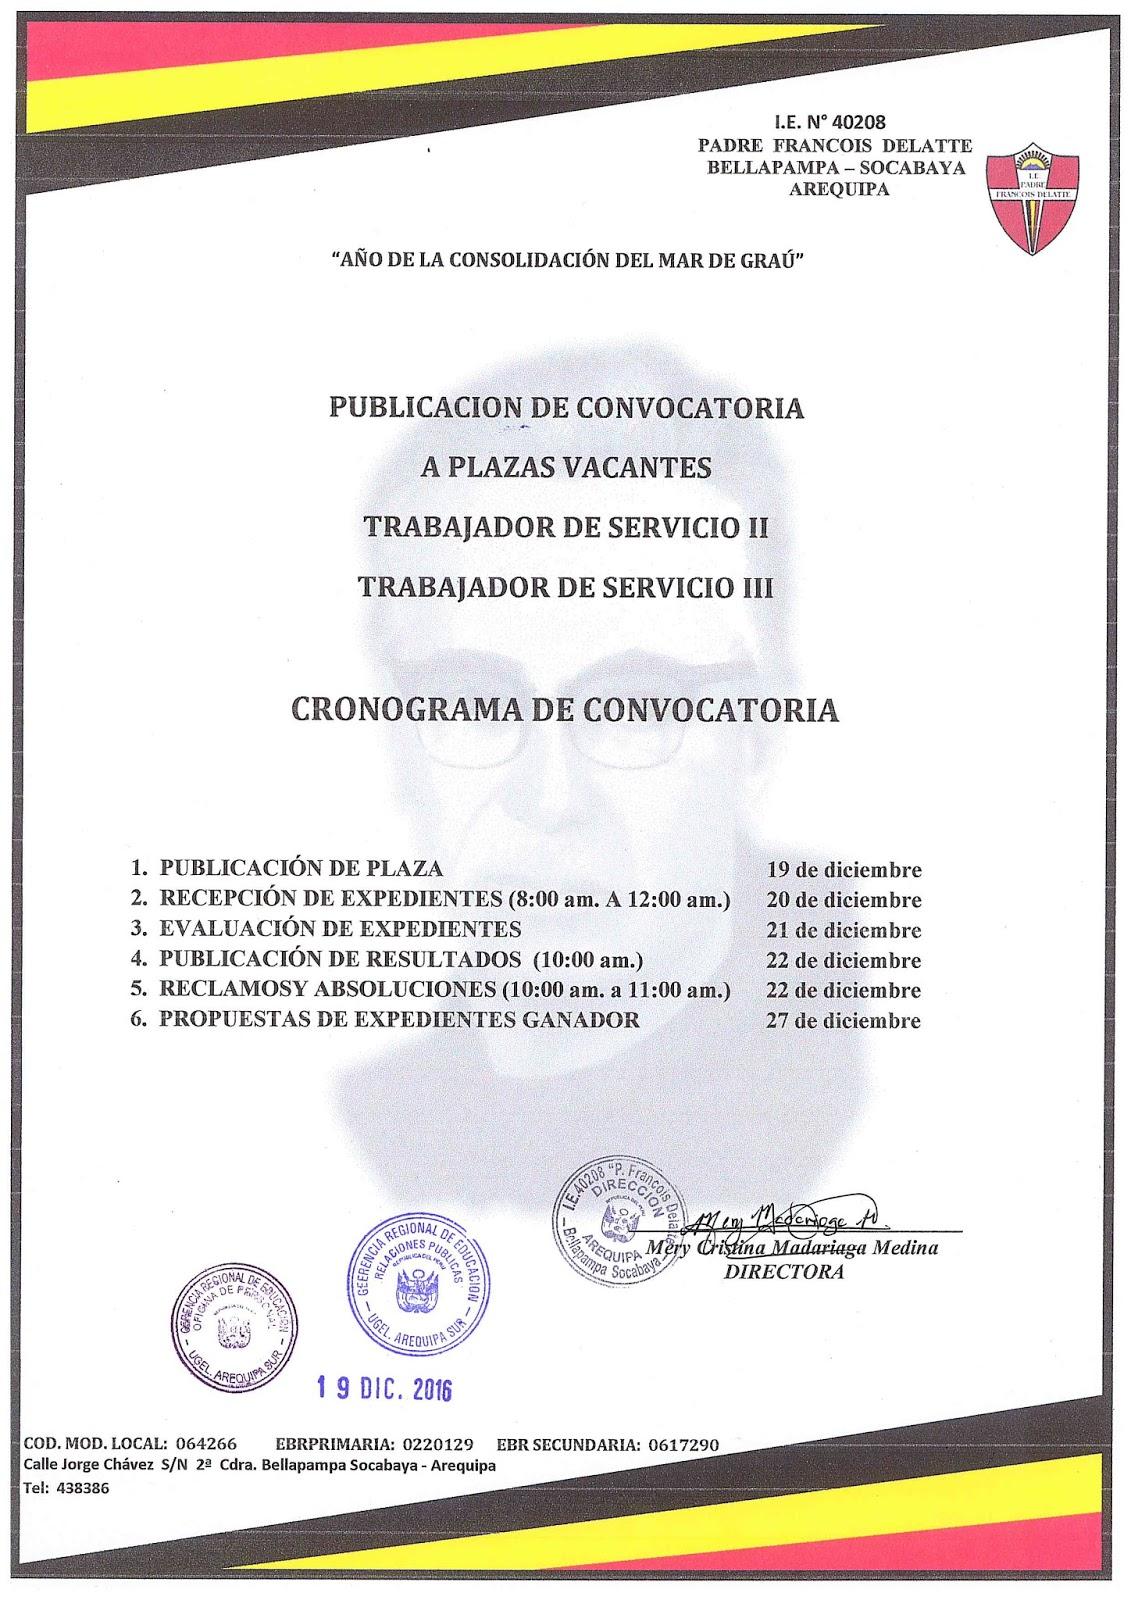 Convocatoria para plazas de personal de servicio ii y iii for Convocatoria para plazas docentes 2016